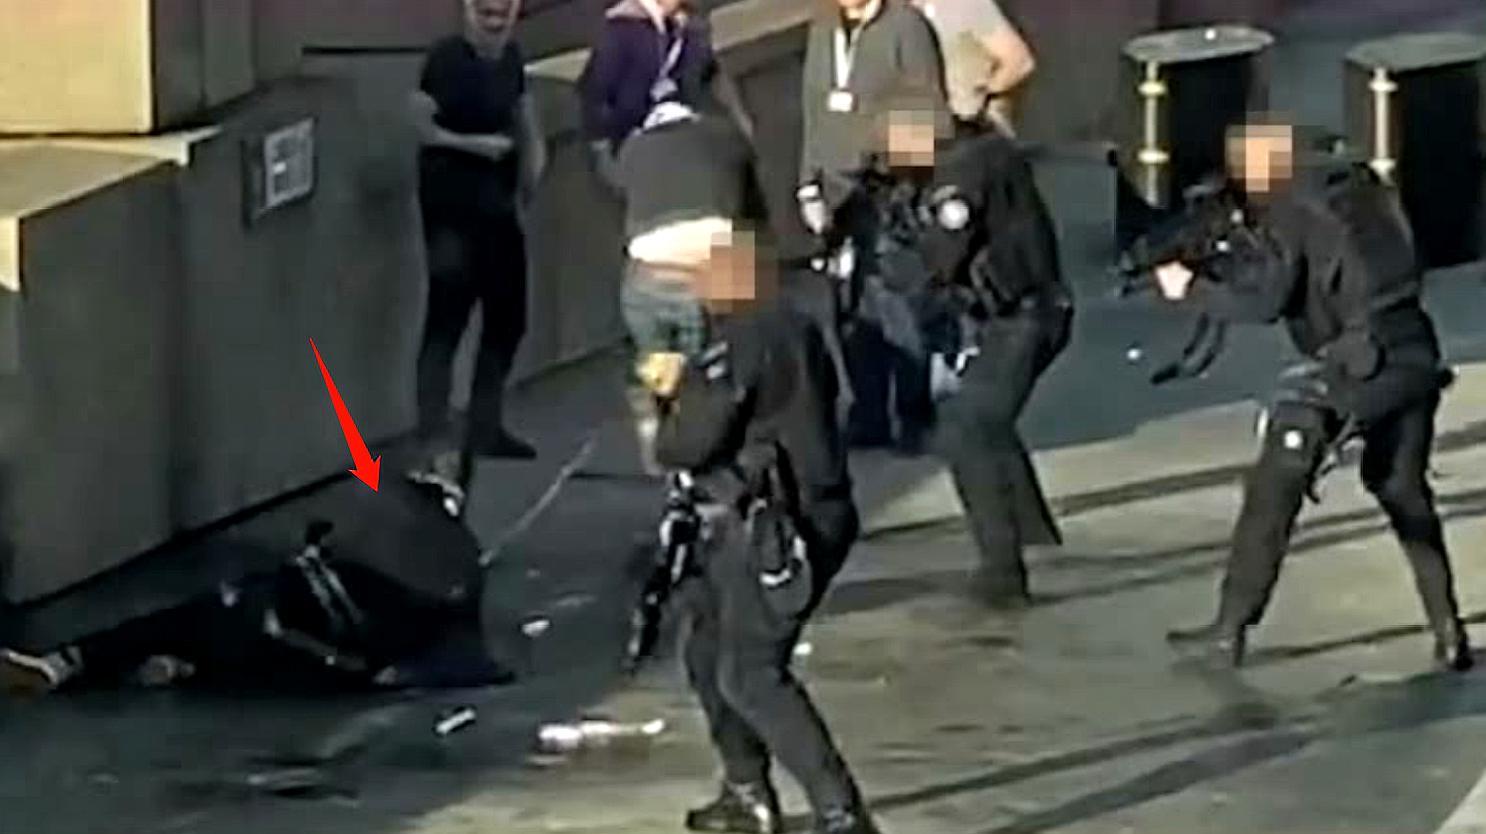 恐袭!男子伦敦桥上血祭感恩节 持刀捅人已致2死3伤被击毙